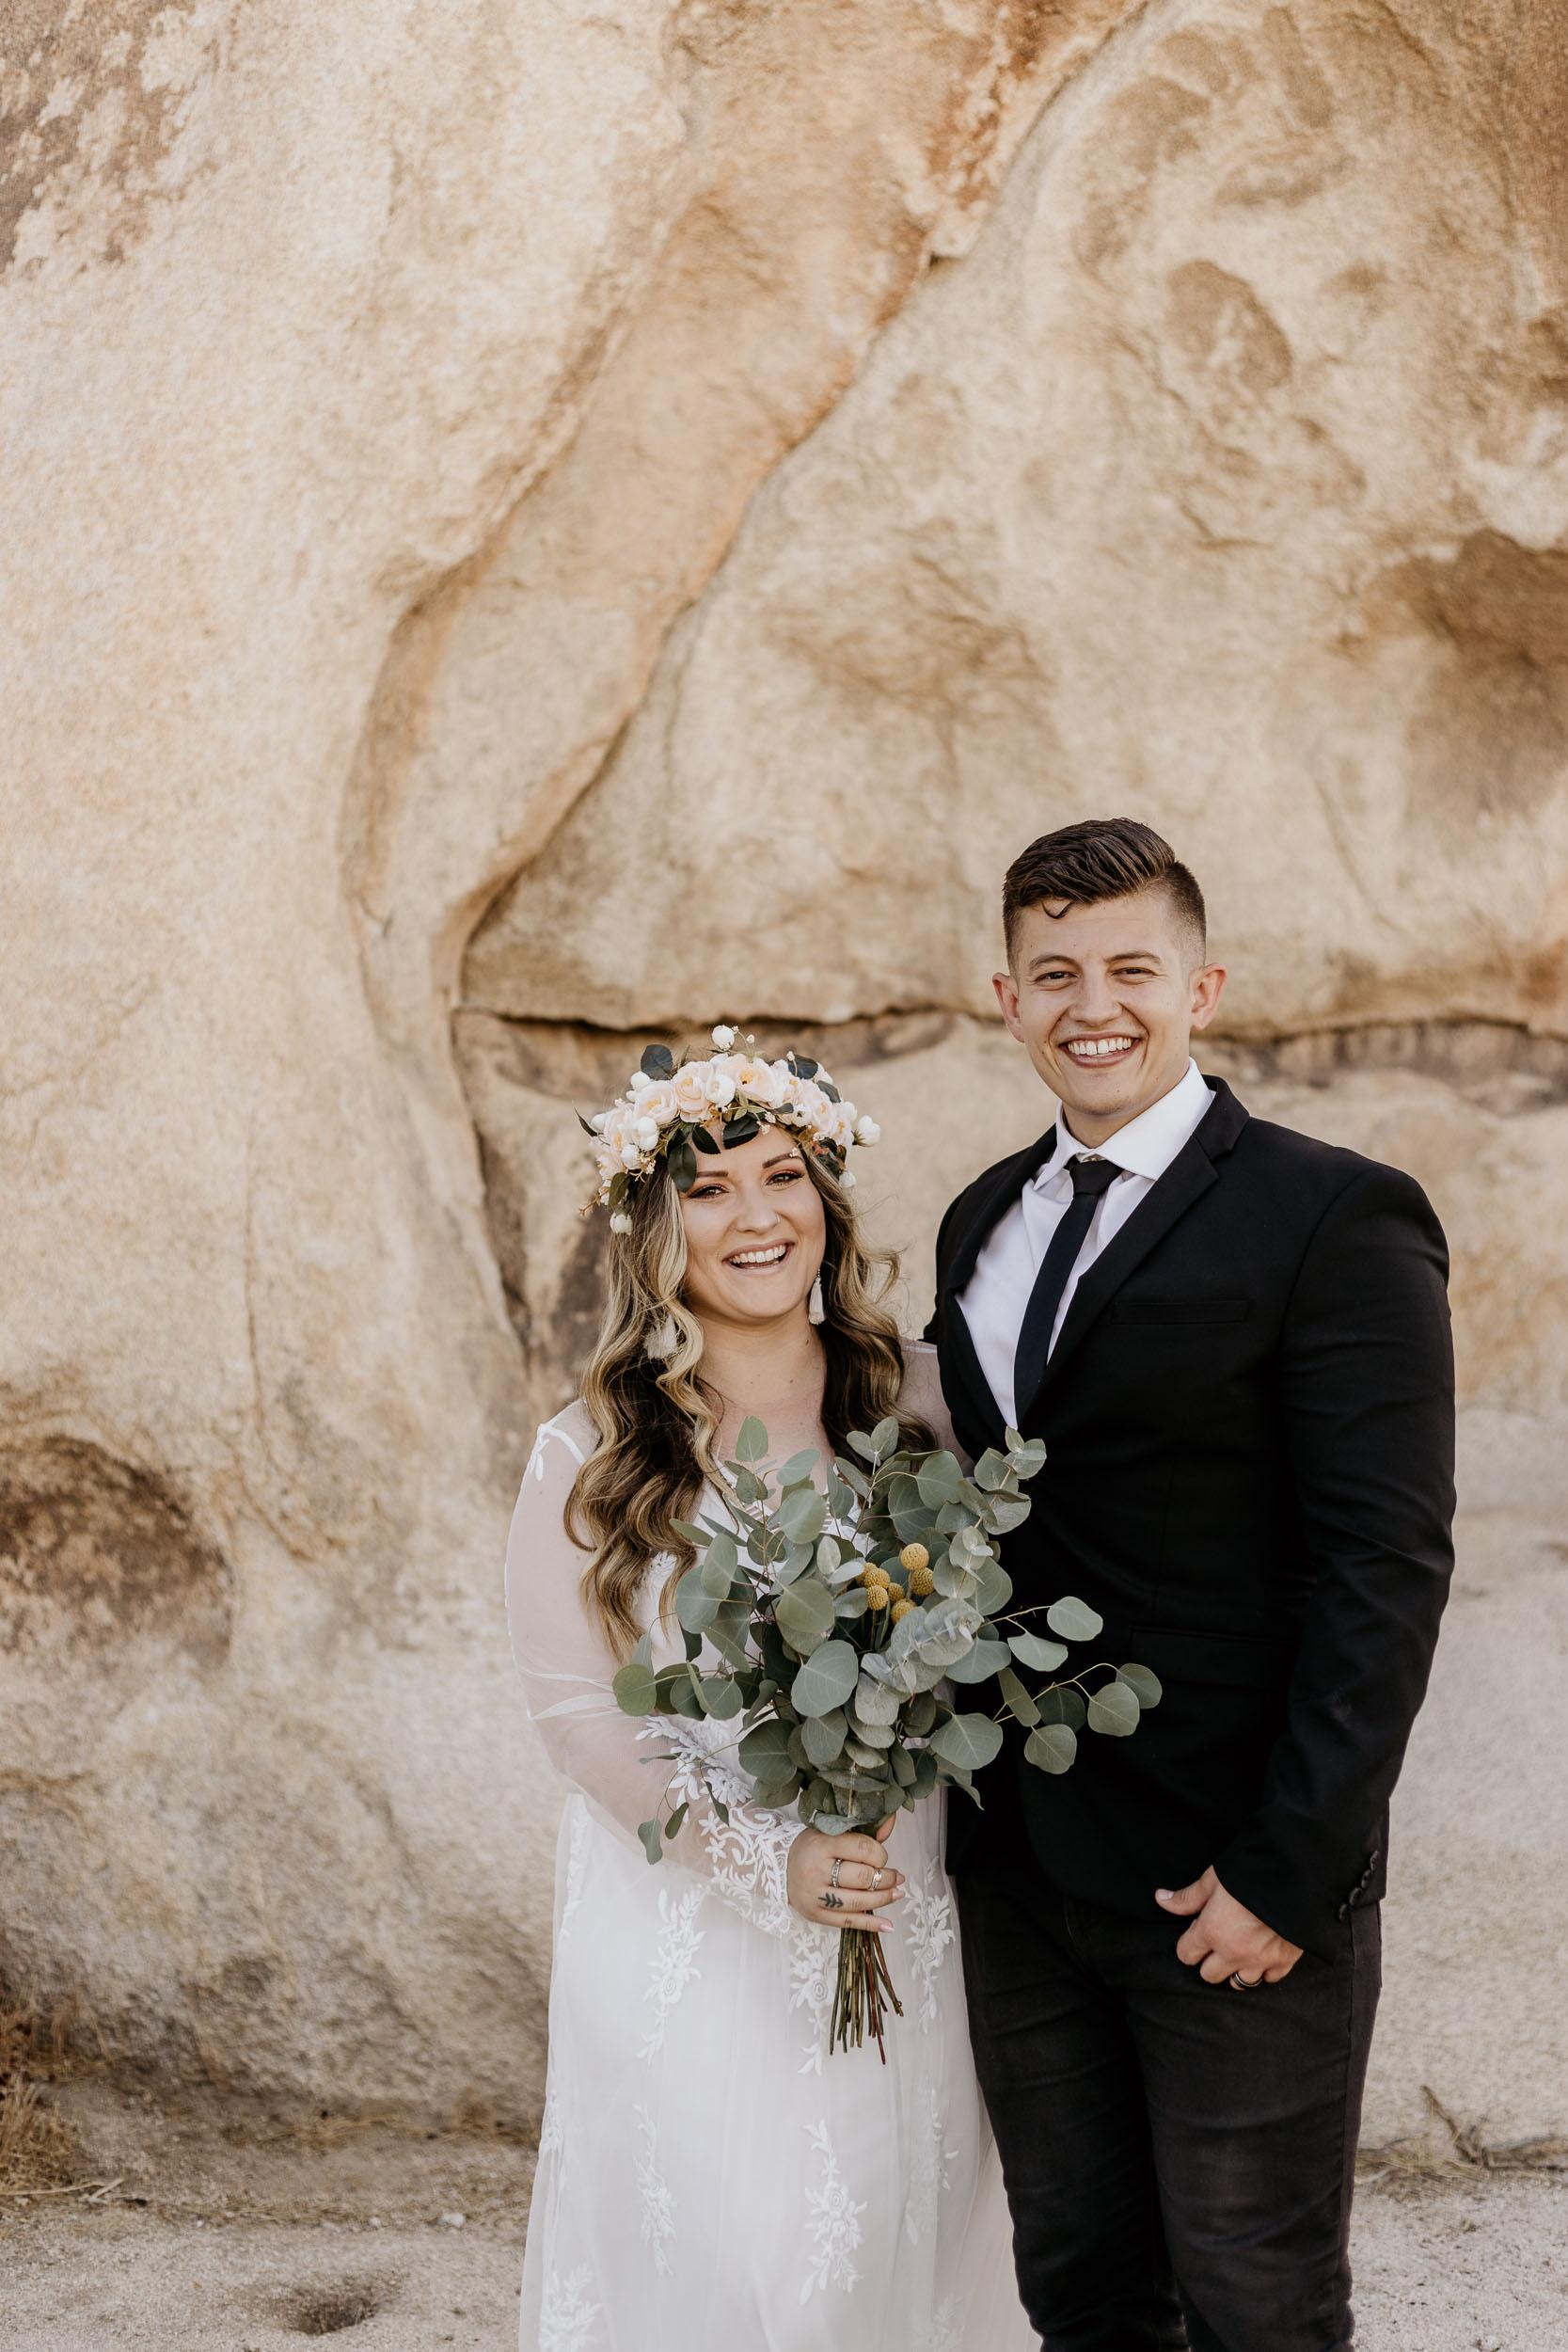 intimate-wedding-elopement-photographer-ottawa-joshua-tree-0024.jpg